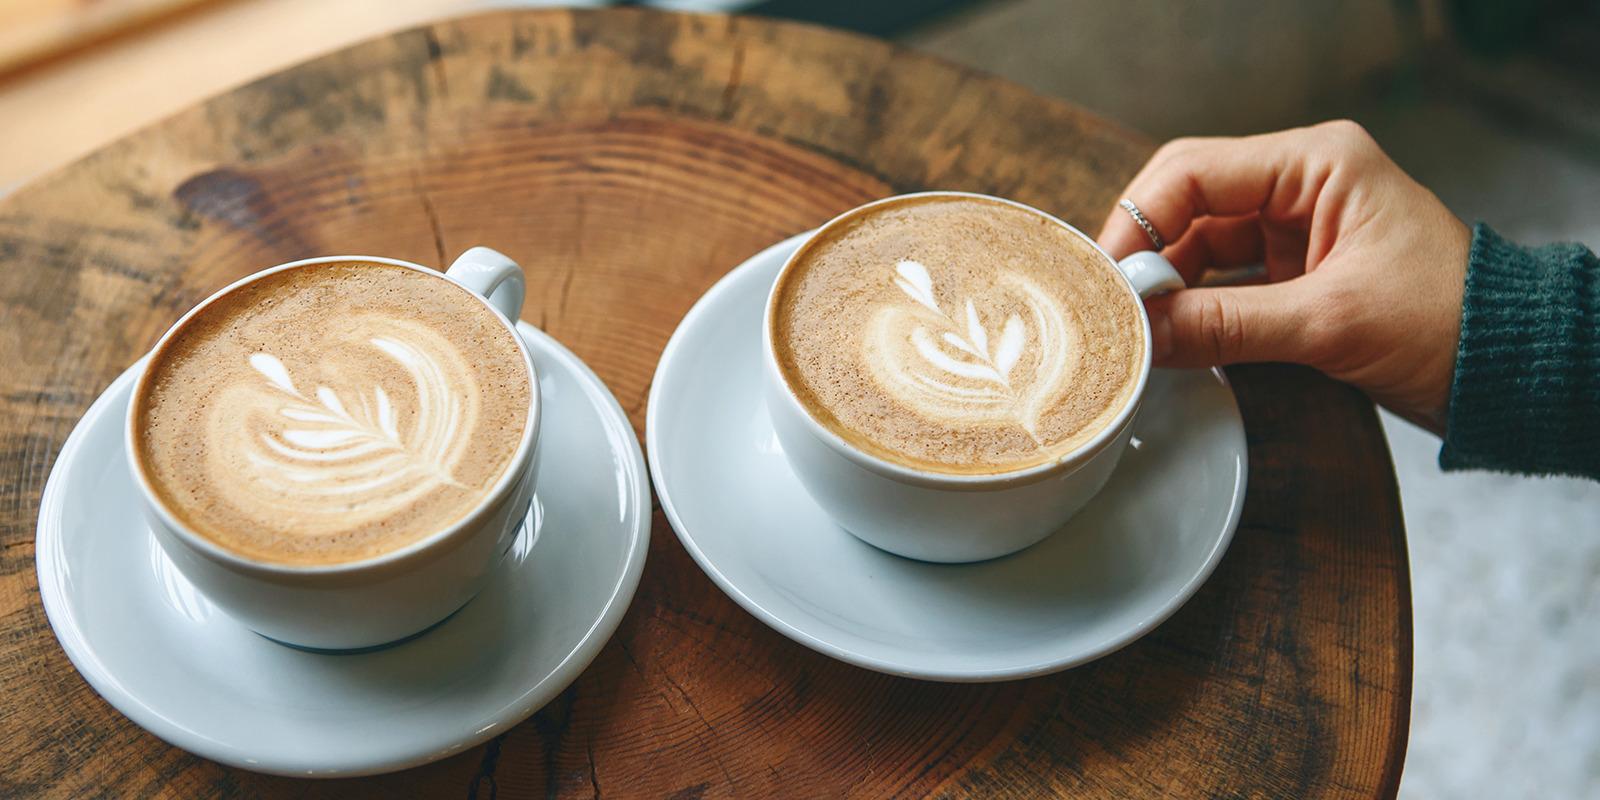 Tomar tres tazas de café al día reduce el riesgo de sufrir un accidente cardiovascular   El Imparcial de Oaxaca